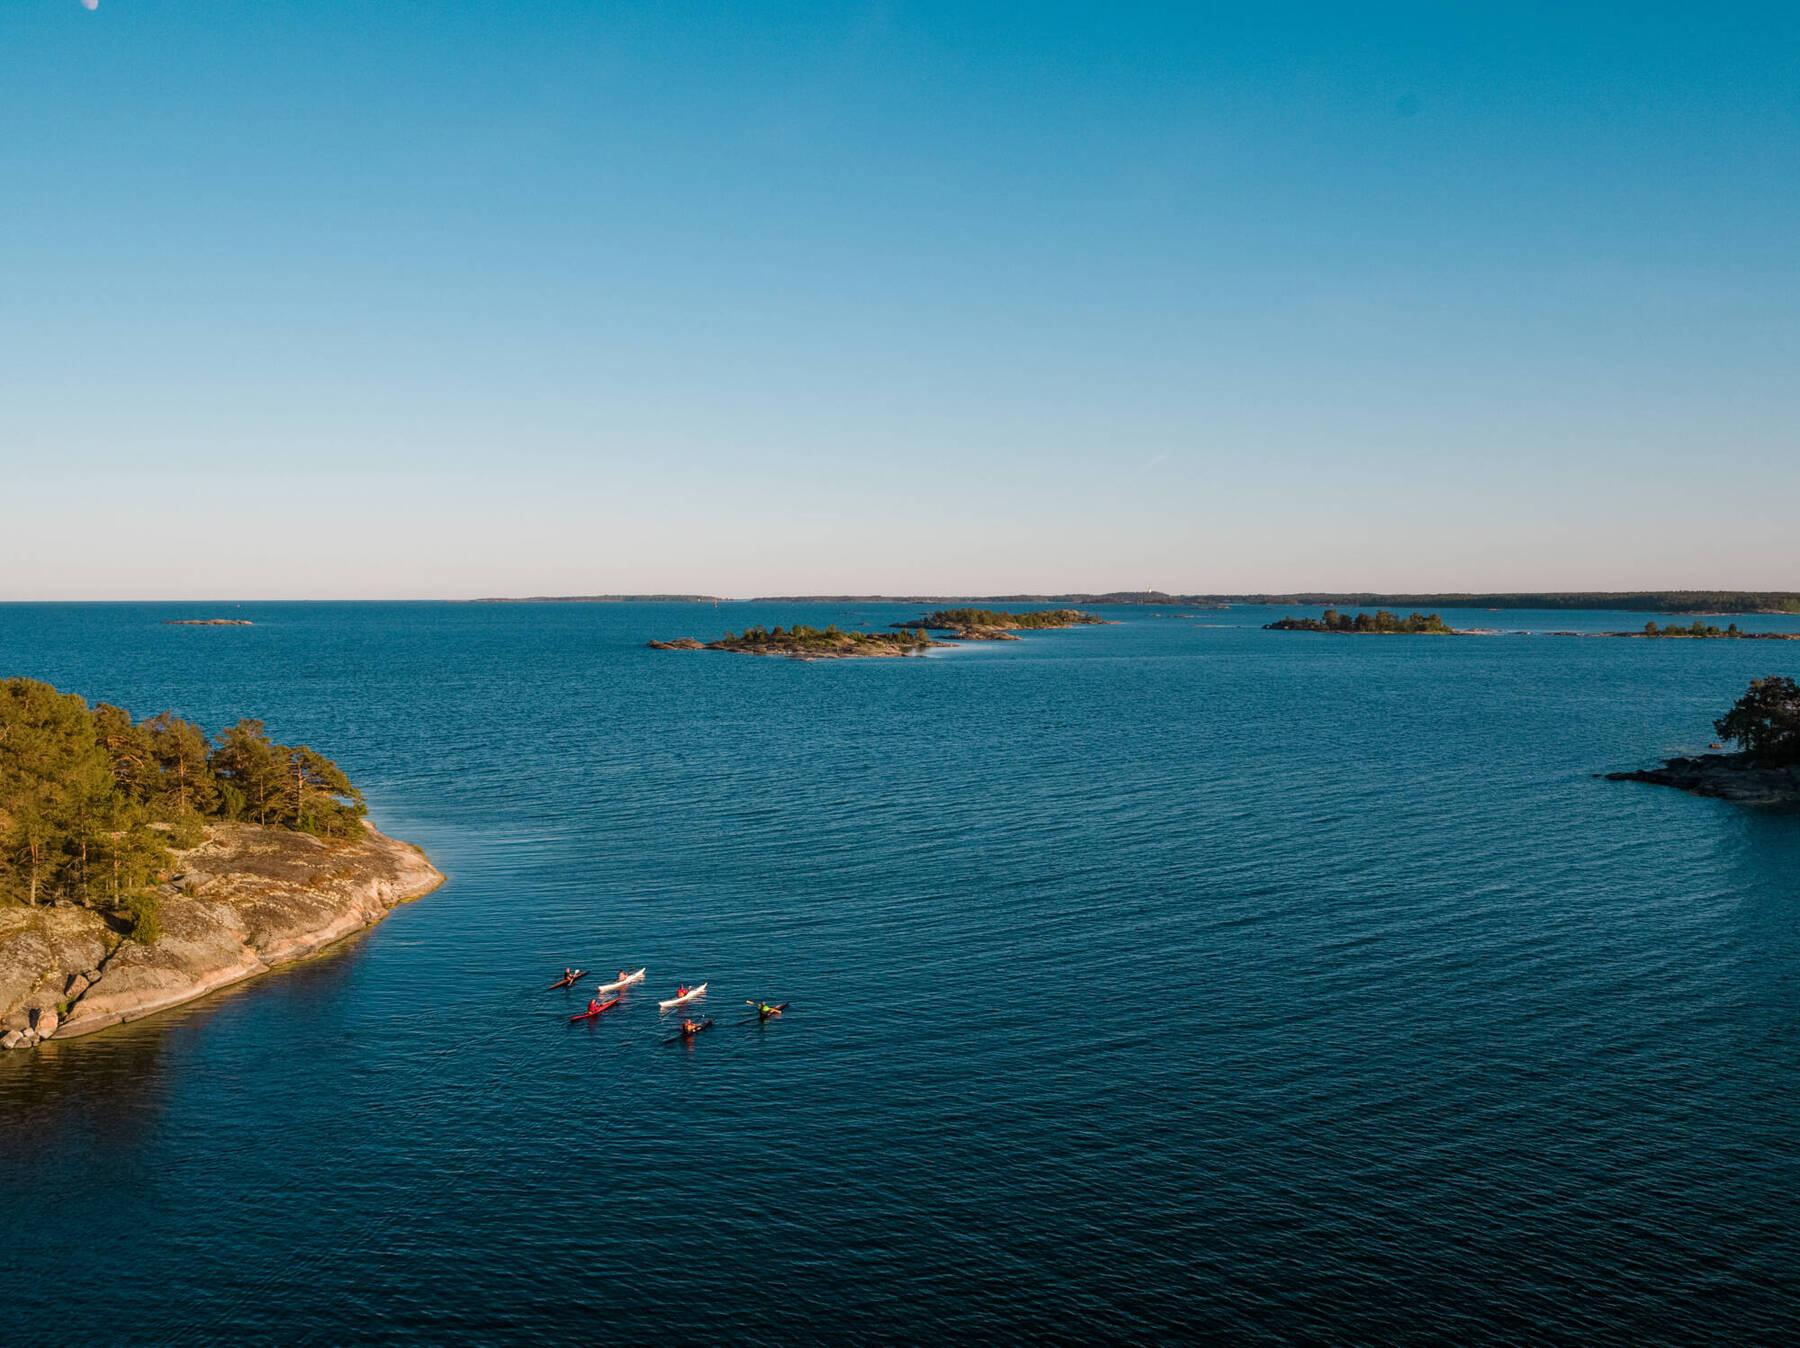 Outdoorparadiset Västervik